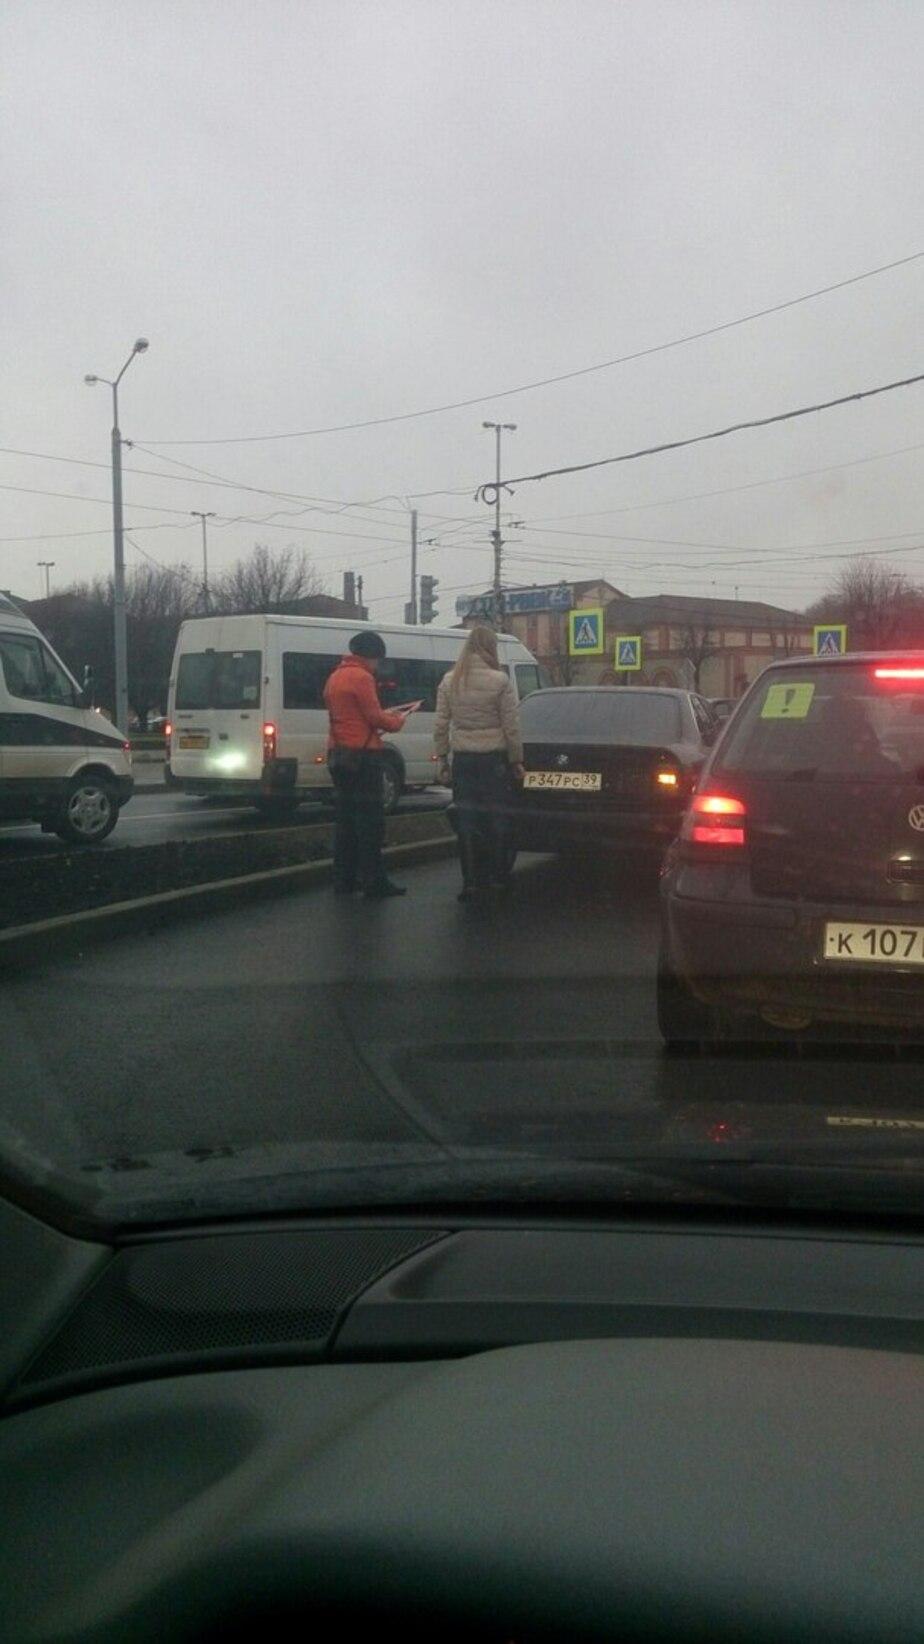 На съезде с Невского на Черняховского тройное ДТП: движение заблокировано